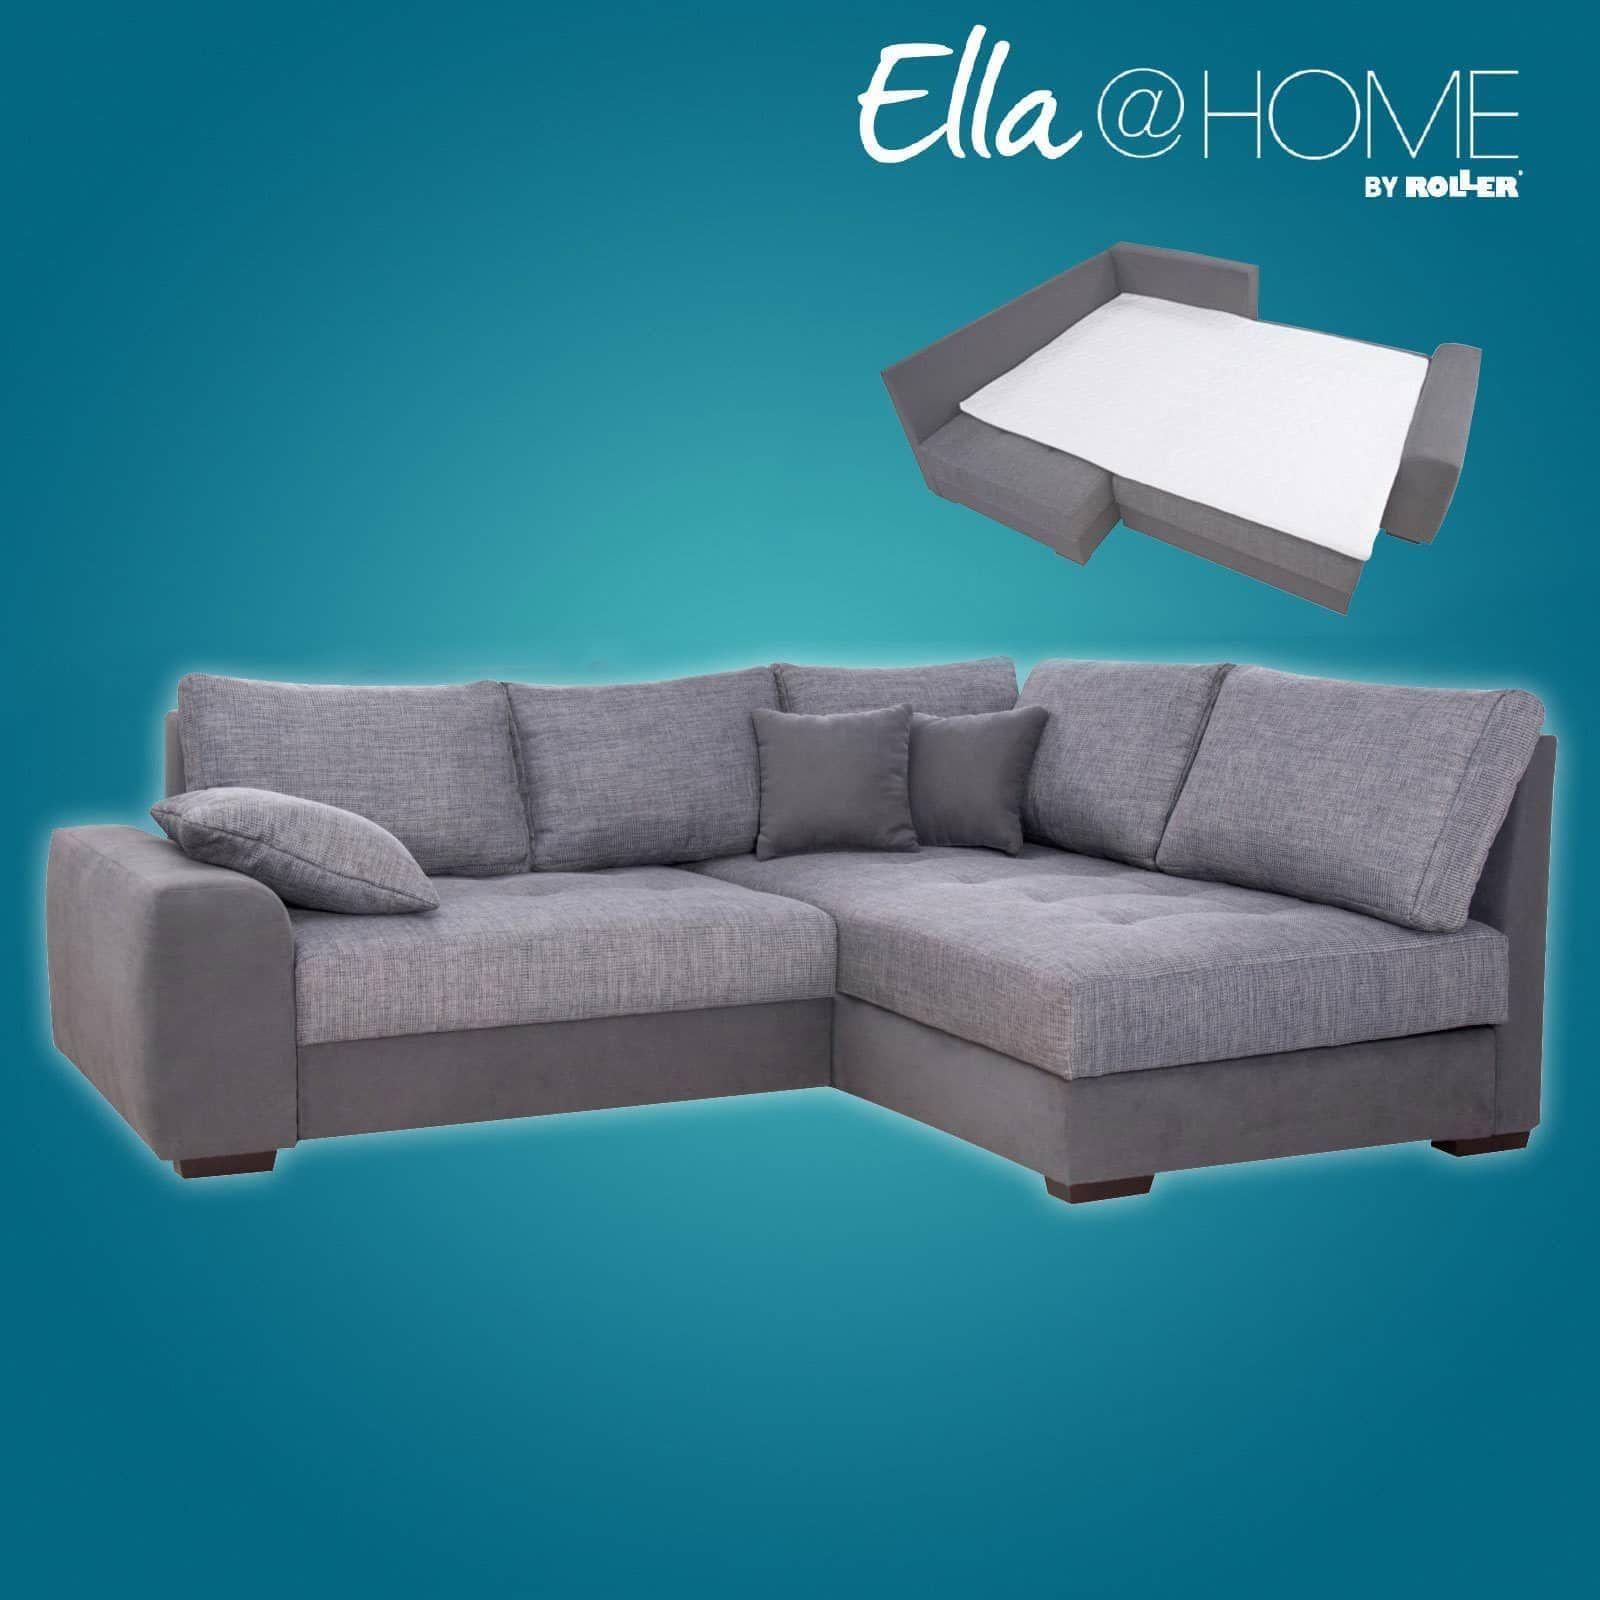 Schau Mal Was Ich Bei Roller Gefunden Habe Ella Home Boxspringsofa Grau Schlaffunktion Recamiere Rechts Recamiere Sofa Couch Mobel